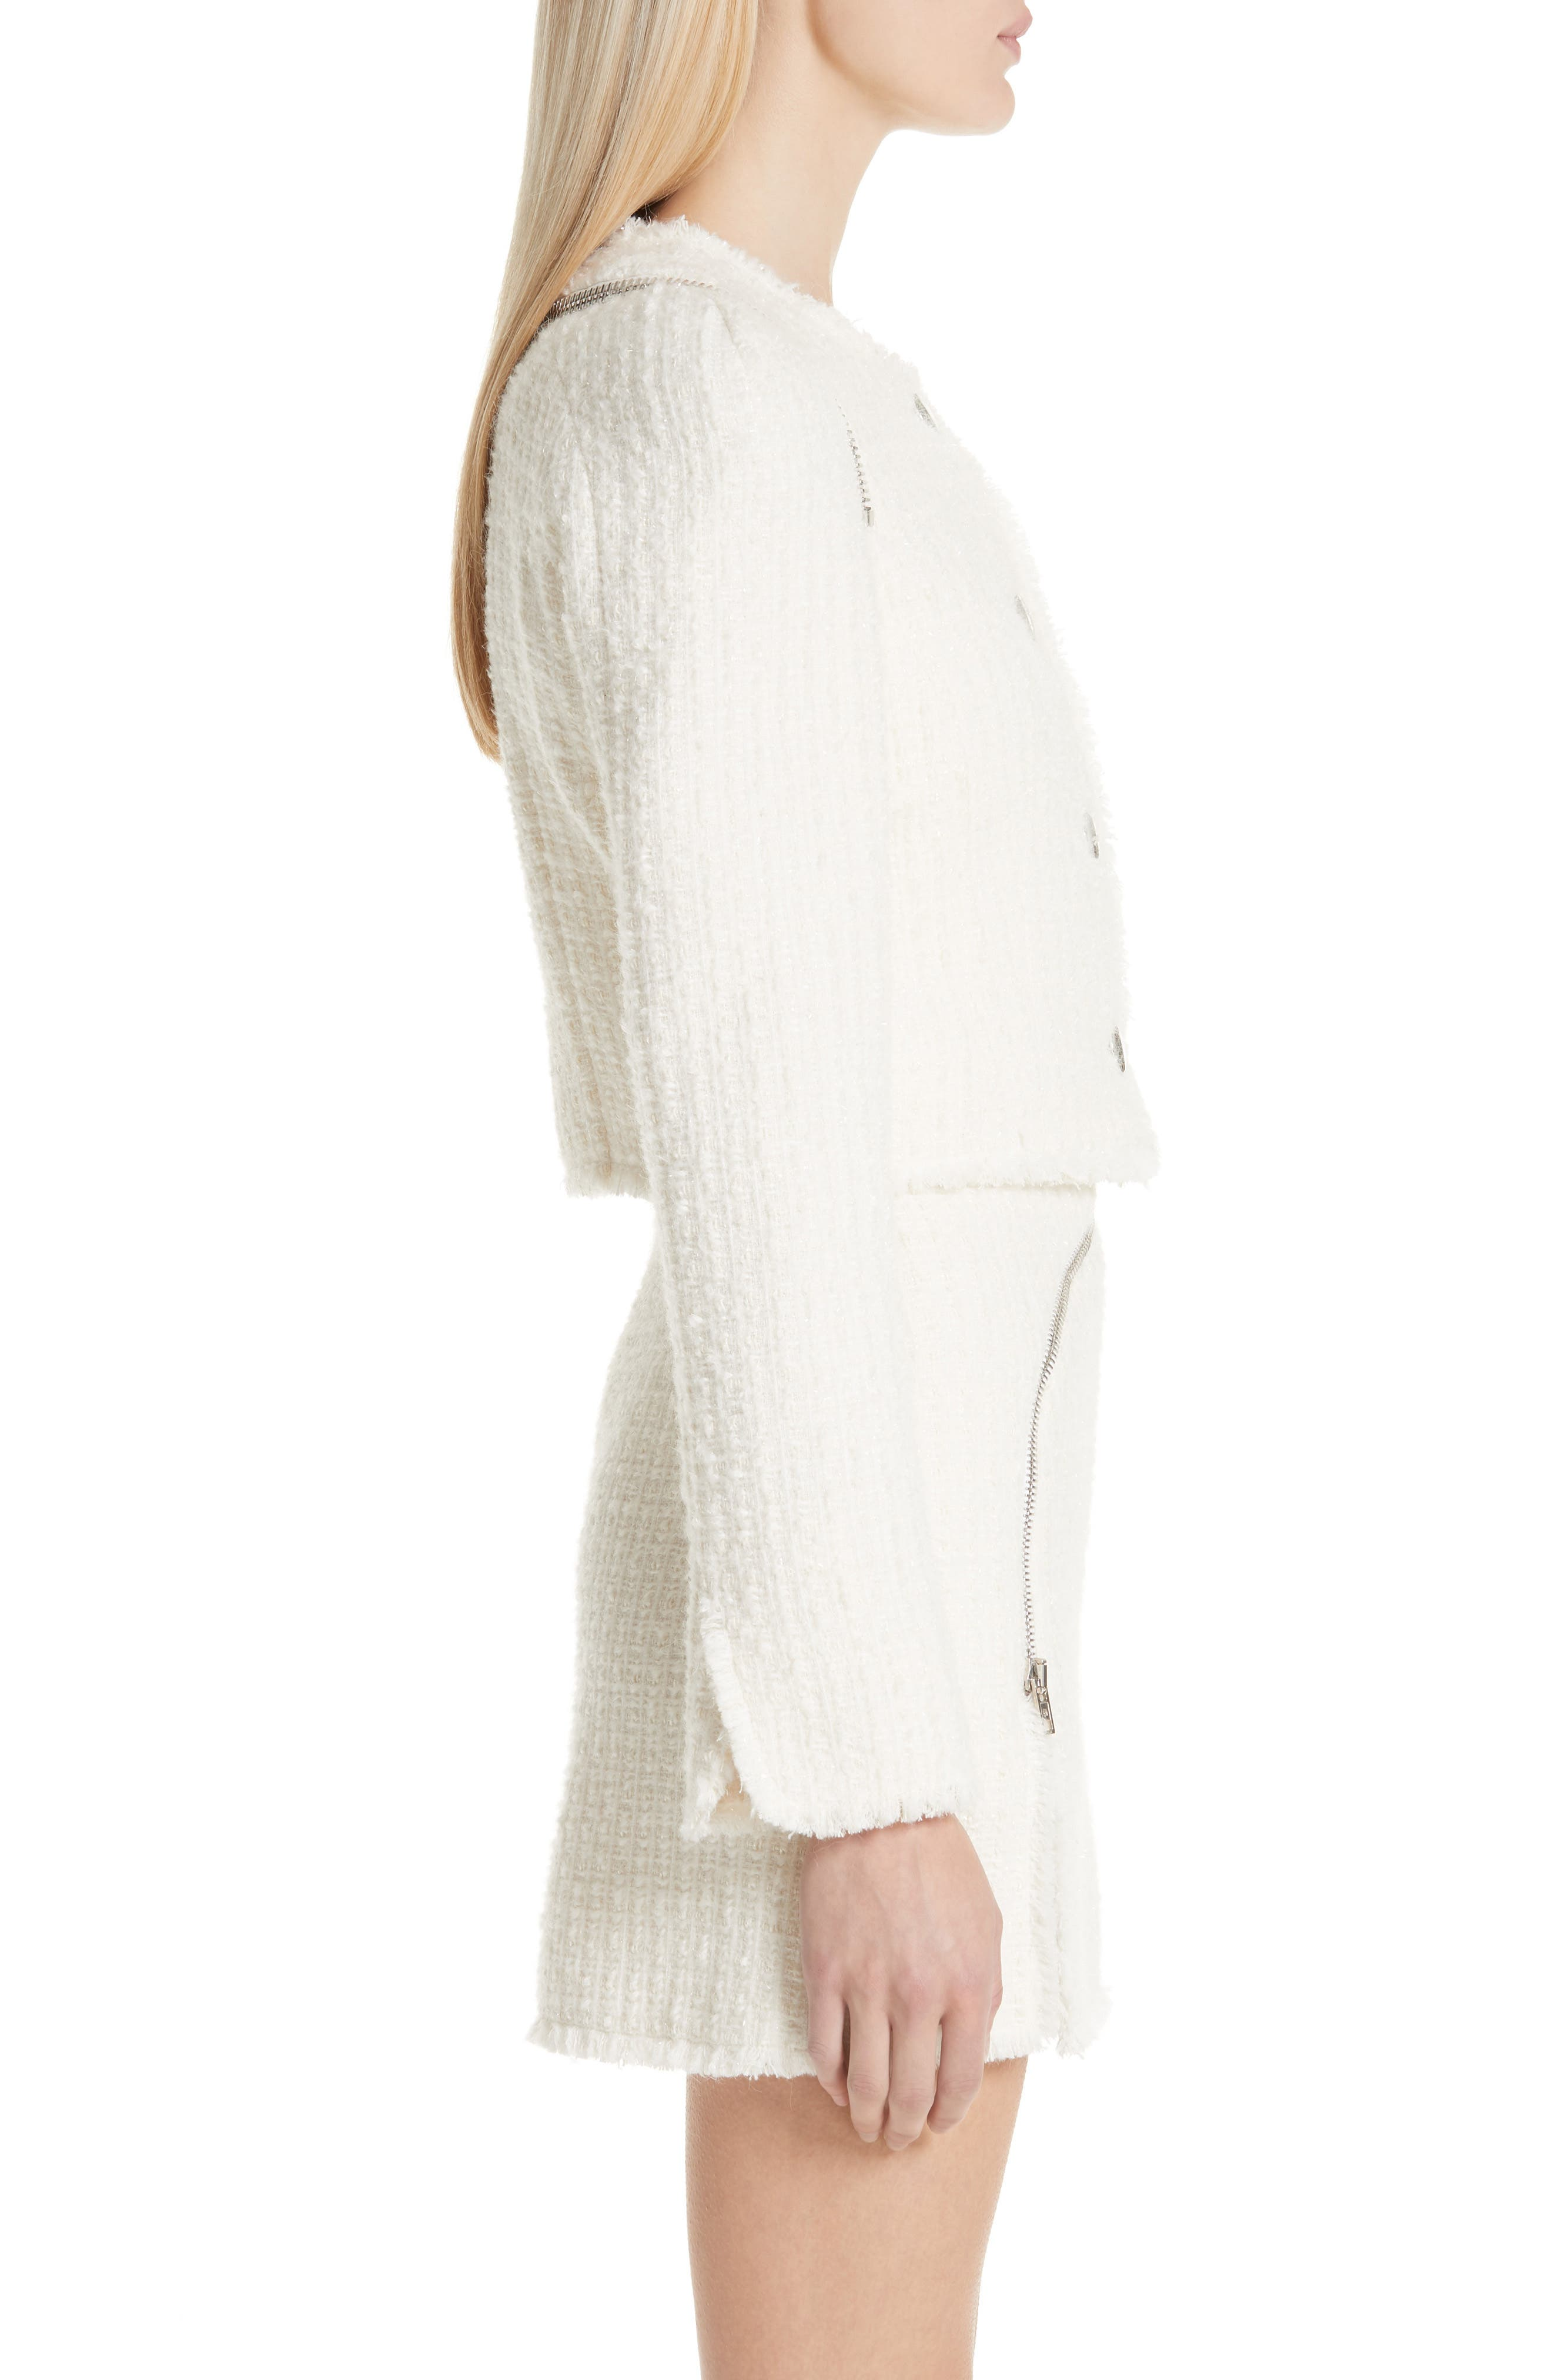 ALEXANDER WANG,                             Zip Detail Tweed Jacket,                             Alternate thumbnail 4, color,                             IVORY